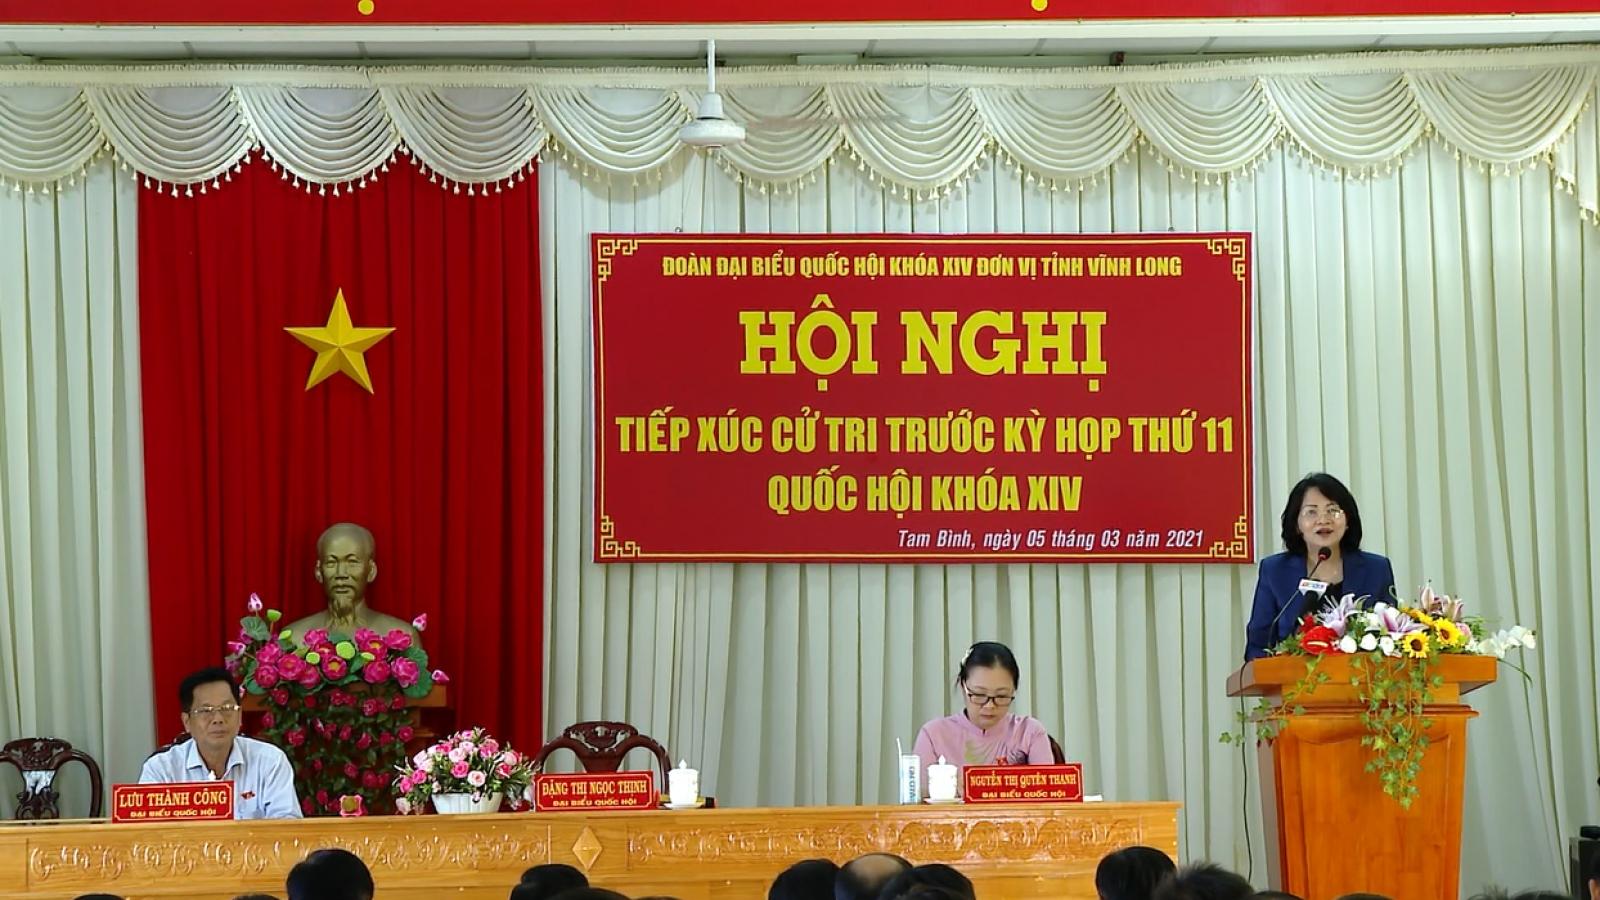 Phó Chủ tịch nước Đặng Thị Ngọc Thịnh tiếp xúc cử tri tỉnh Vĩnh Long